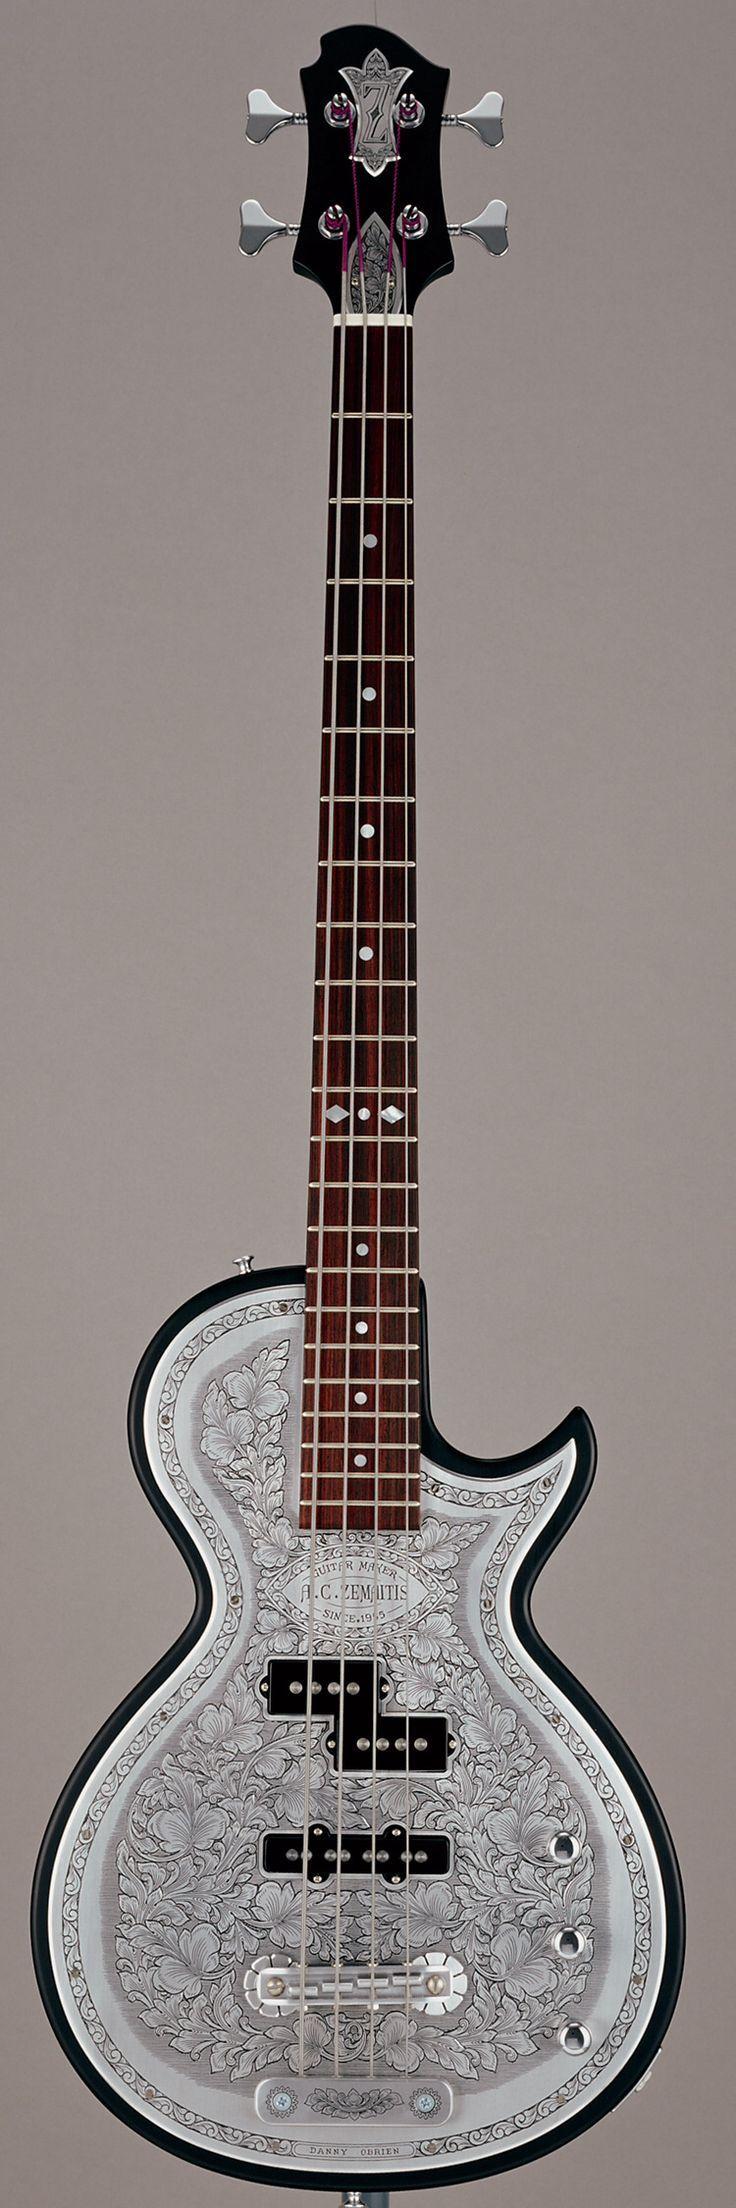 Weird Bass Guitars   ZEMAITIS BMF-MCPJ-MBK Metal Front™ Bass